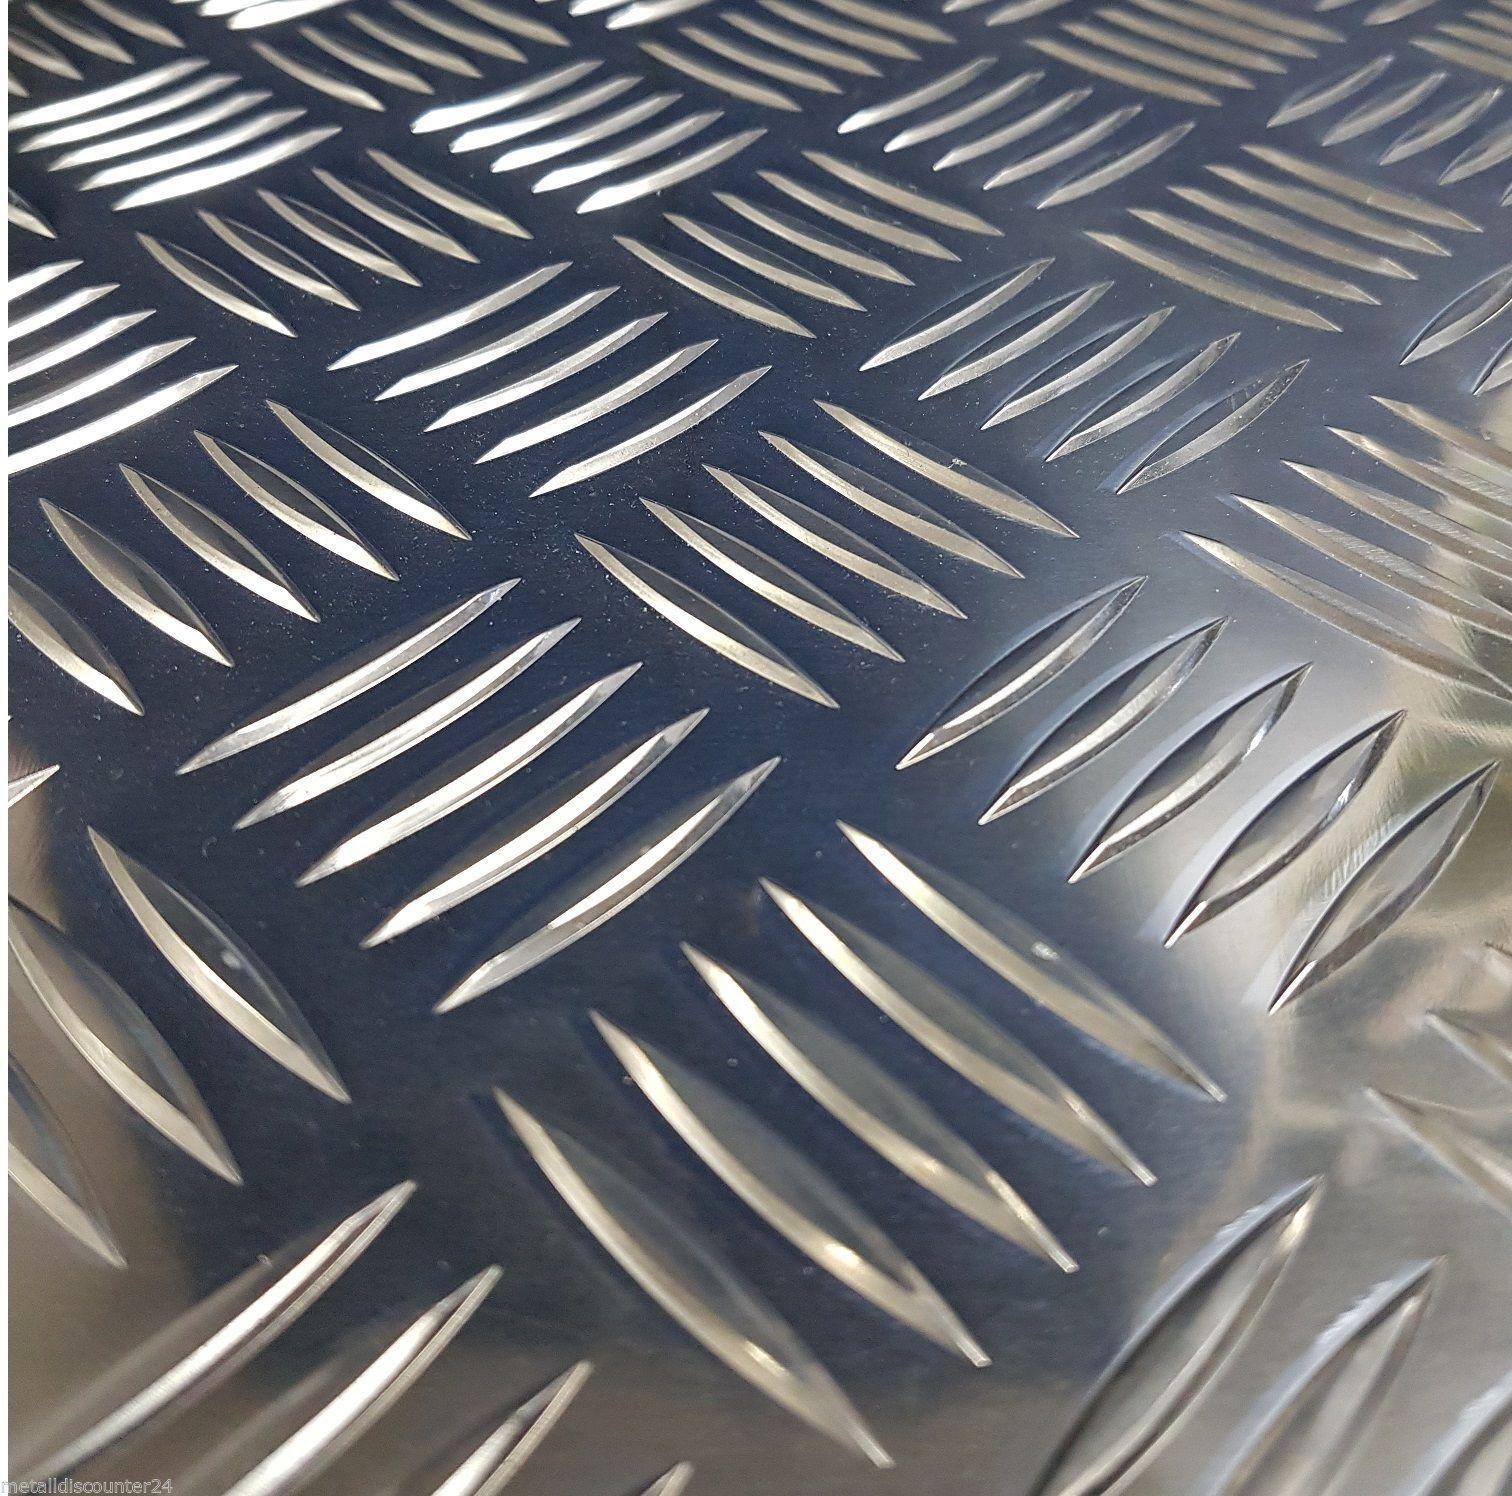 100x100mm Alu Riffelblech 5//6,5mm Aluminium Blech Quintett Warzenblech Tr/änenblech Zuschnitt Wunschma/ß m/öglich